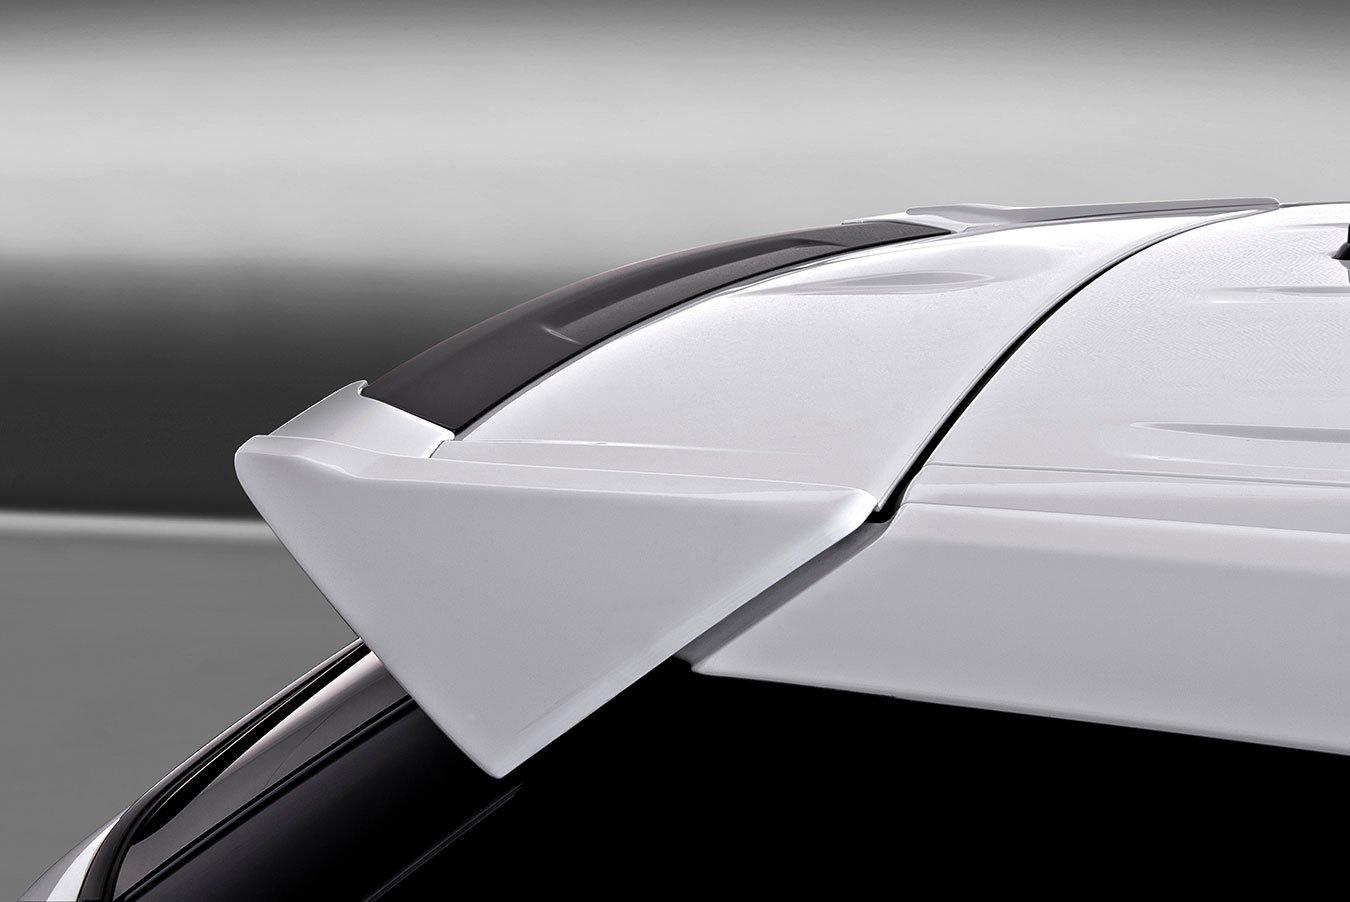 Range Rover Evoque Original Roof Spoiler for 5-Doors Model